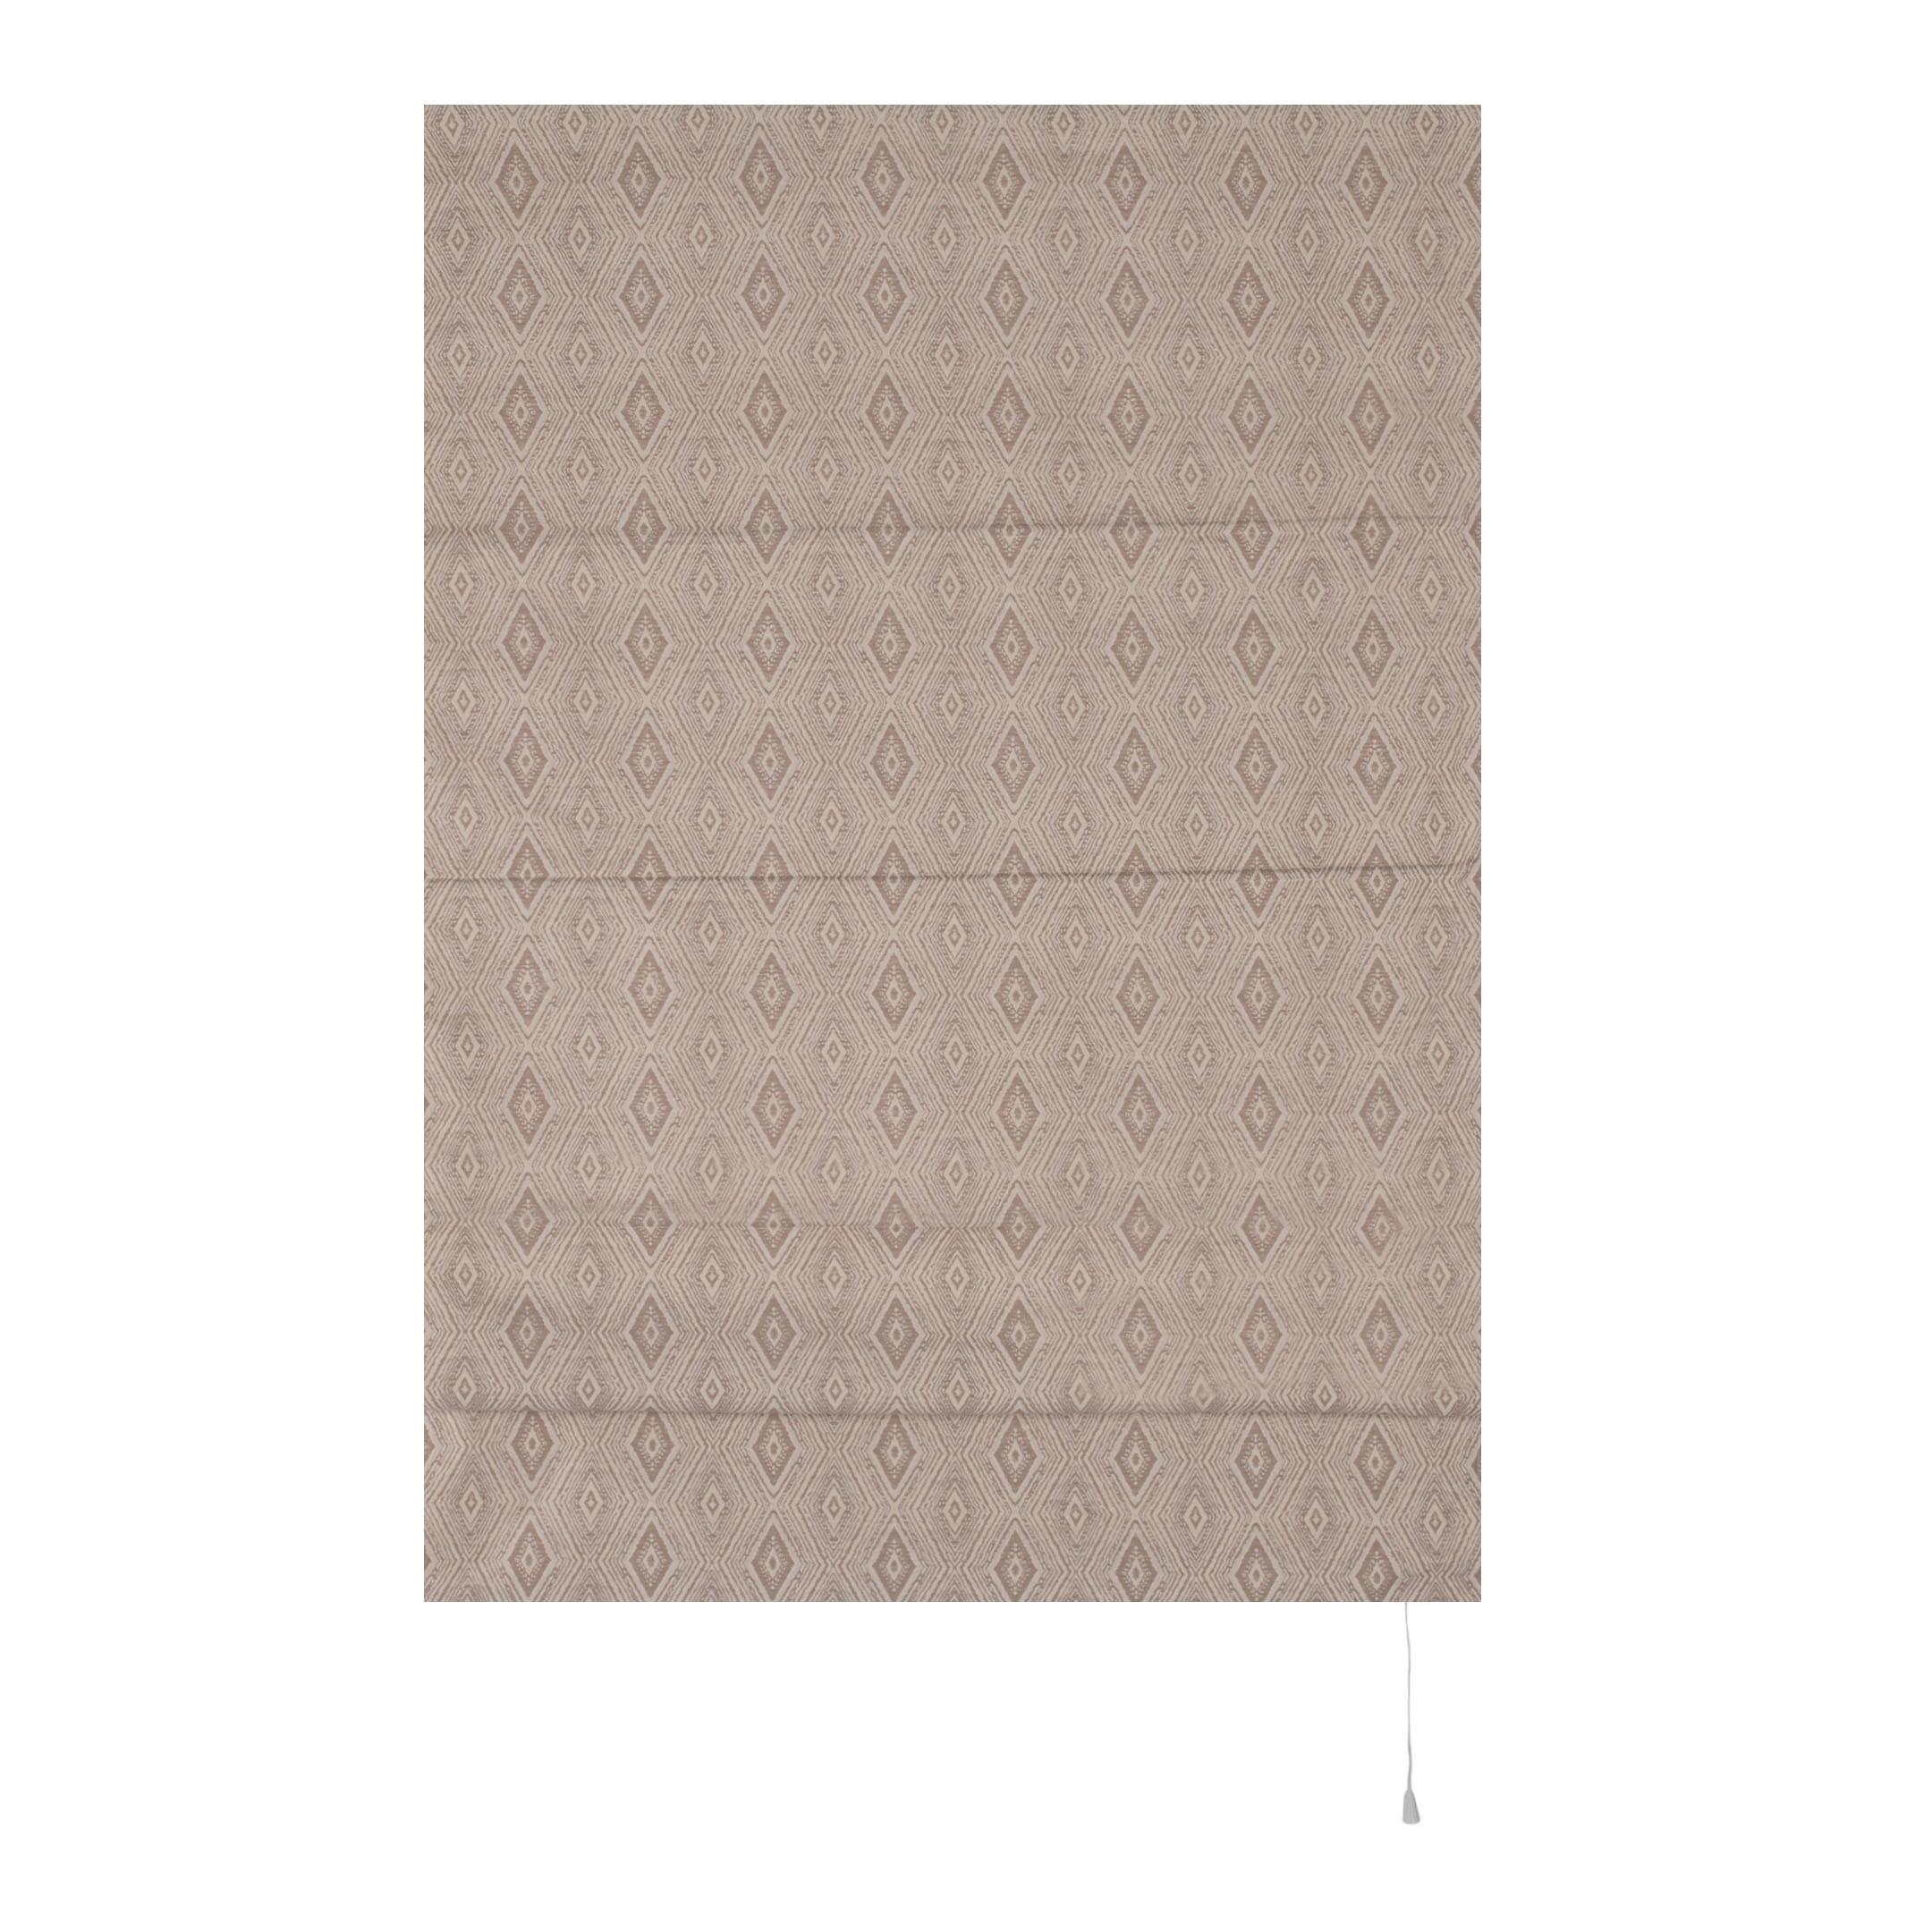 Штора римская Сафари 80х160 см бежевый штора римская сафари 60х160 см бежевый